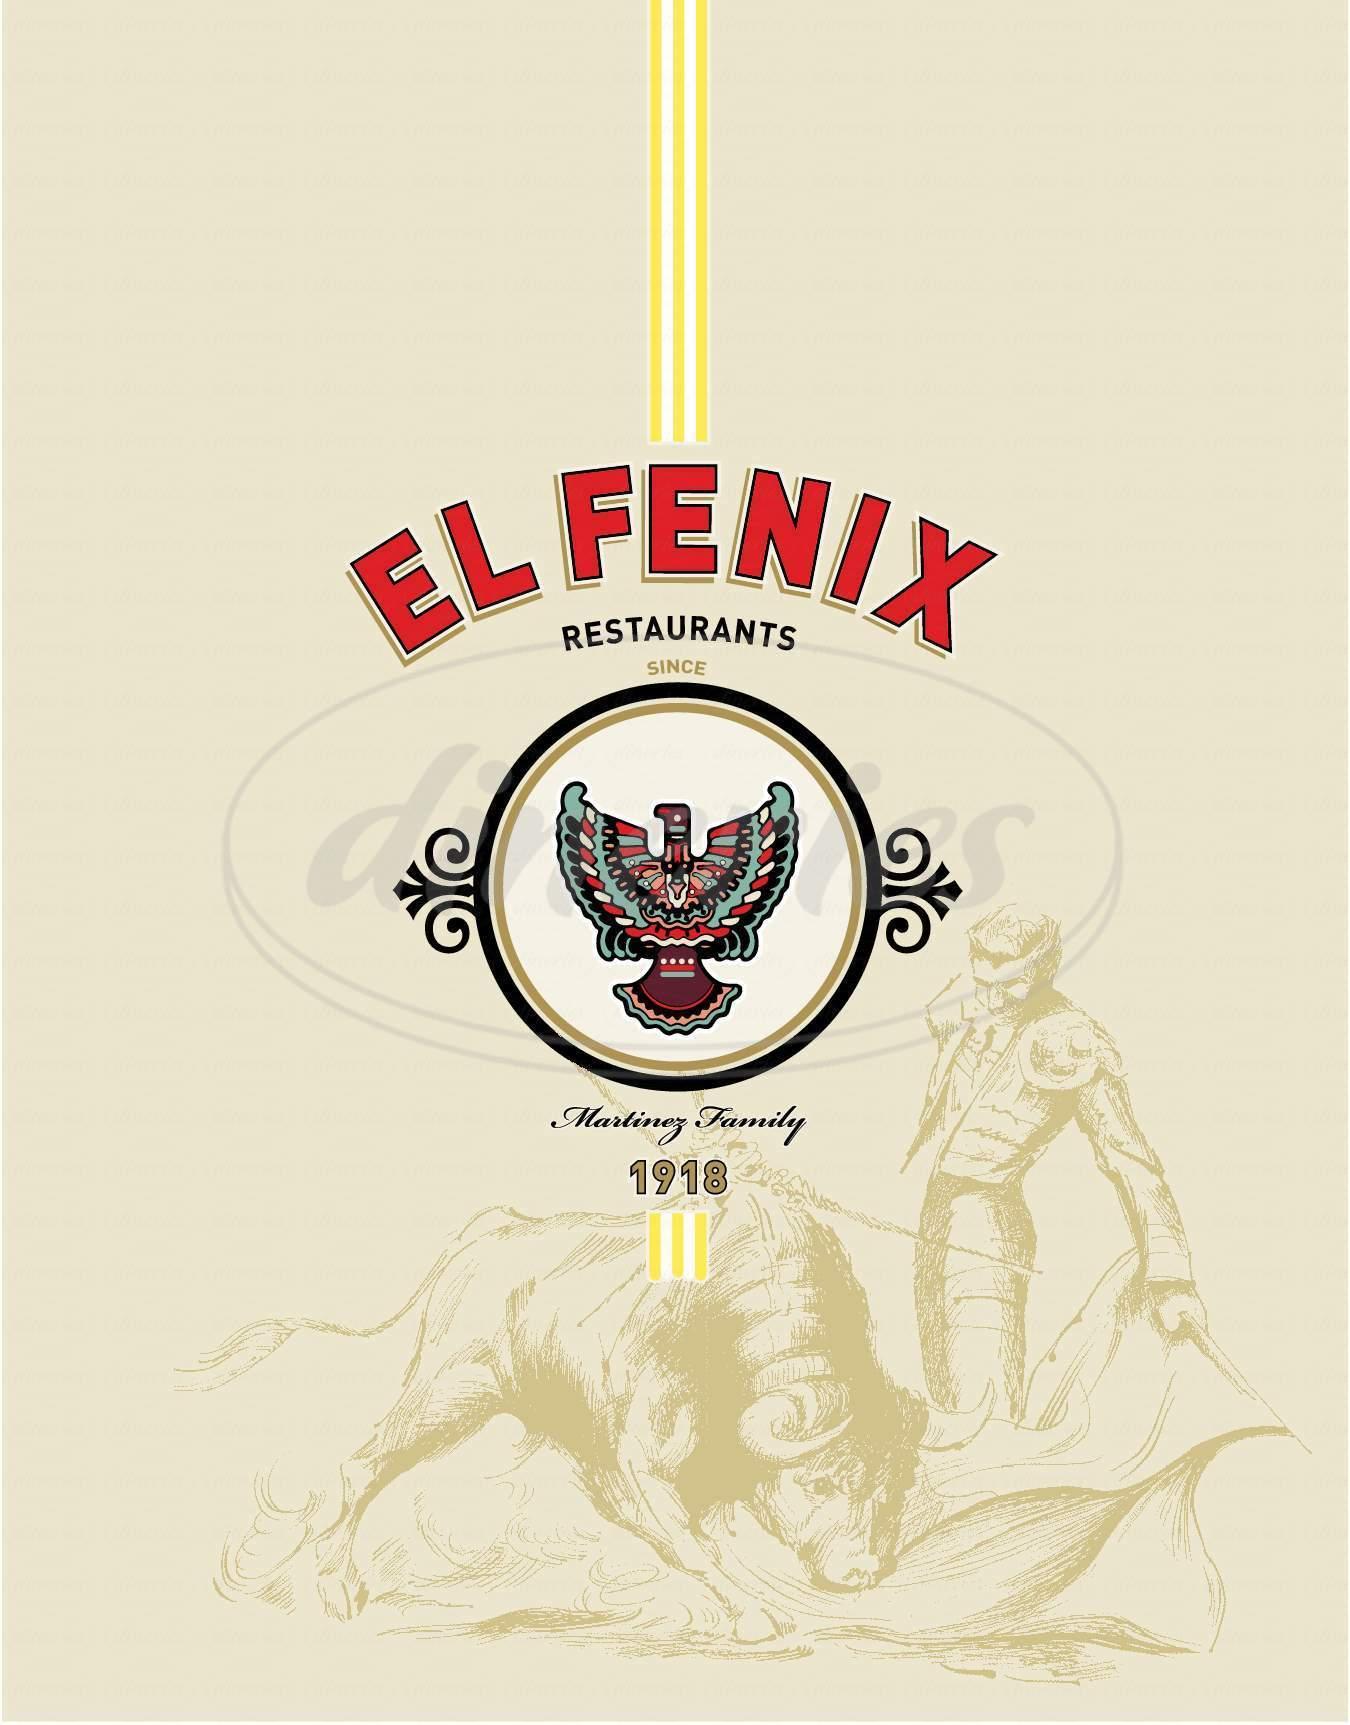 menu for El Fenix